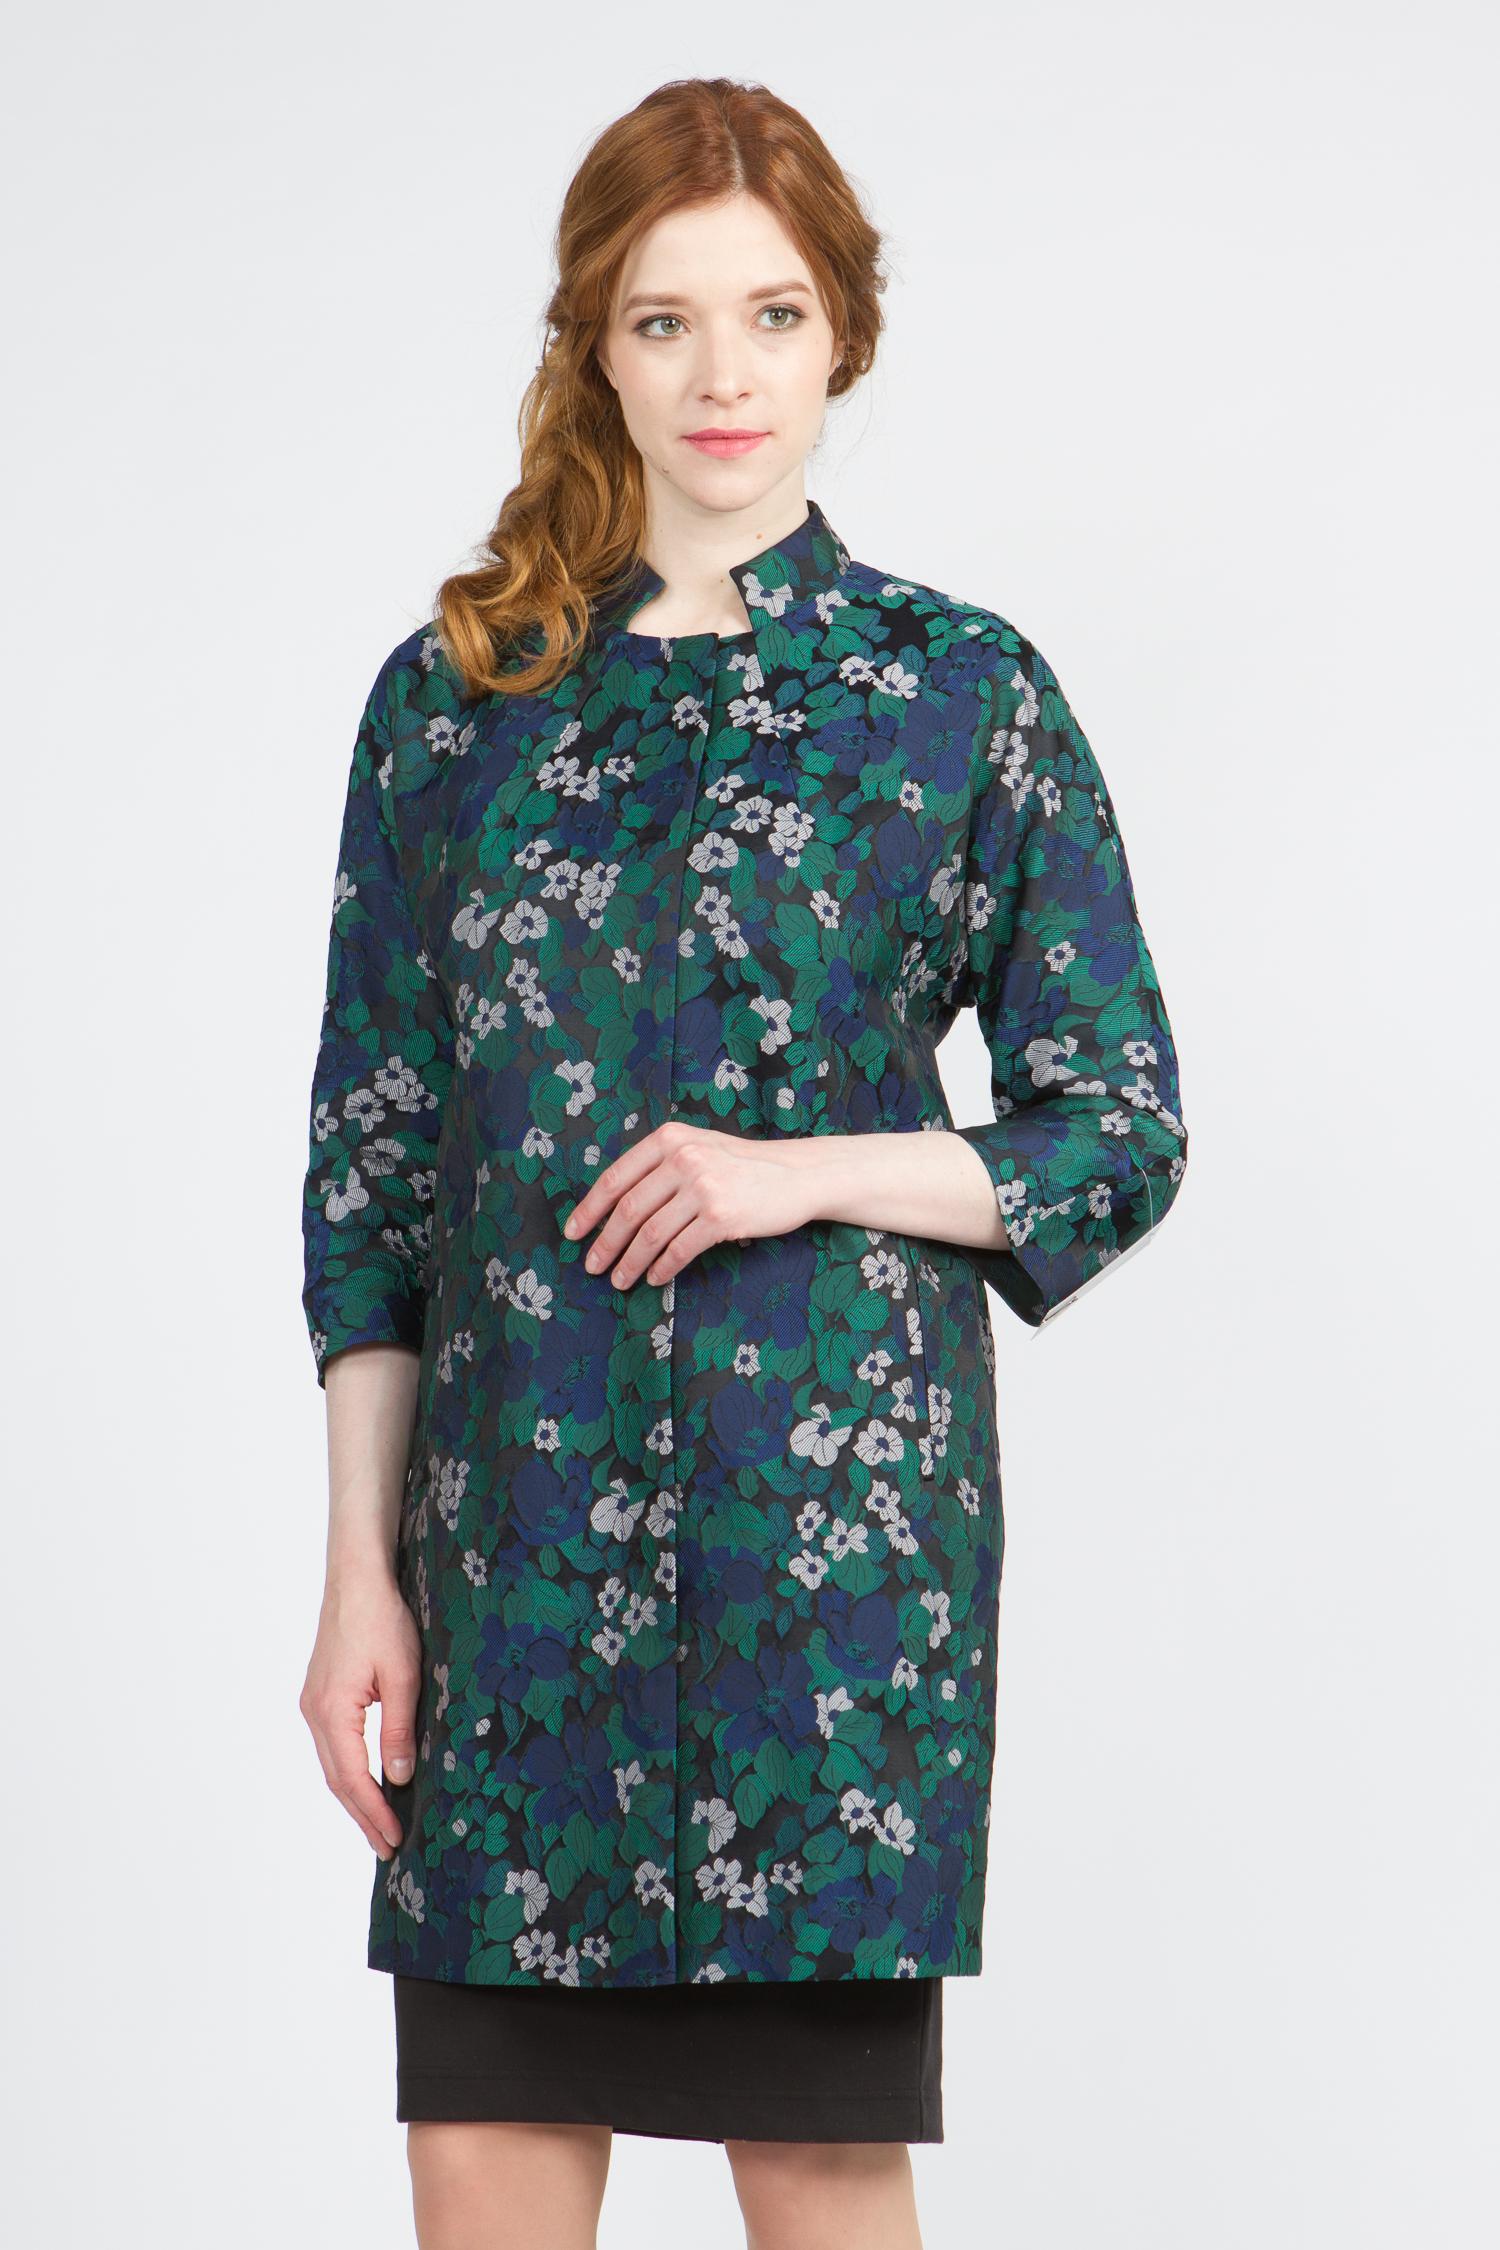 Облегченное женское пальто из текстиля с воротником, без отделки